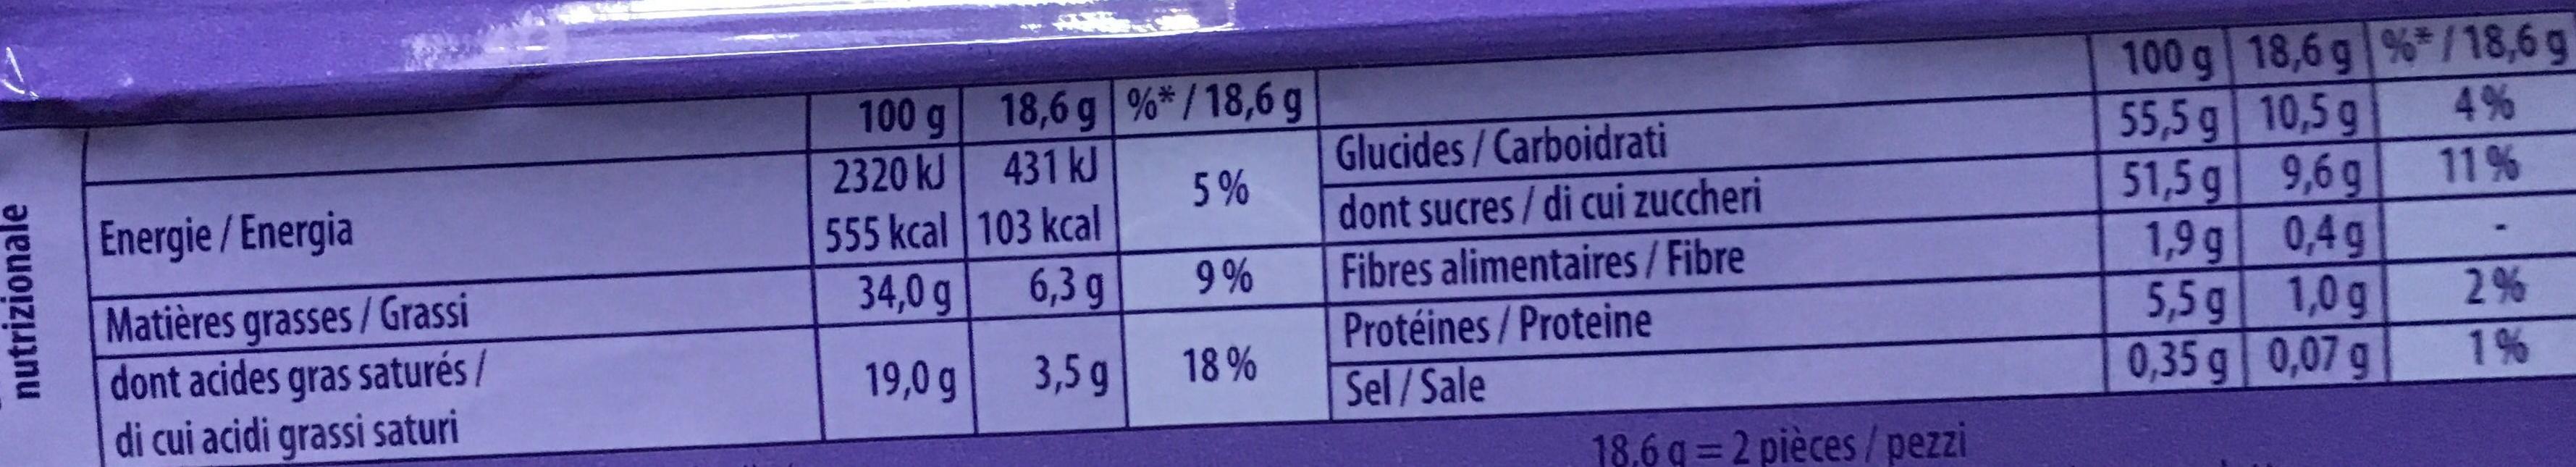 Melty Caramel fudge, morceaux de biscuits, pépites de chocolat - Nutrition facts